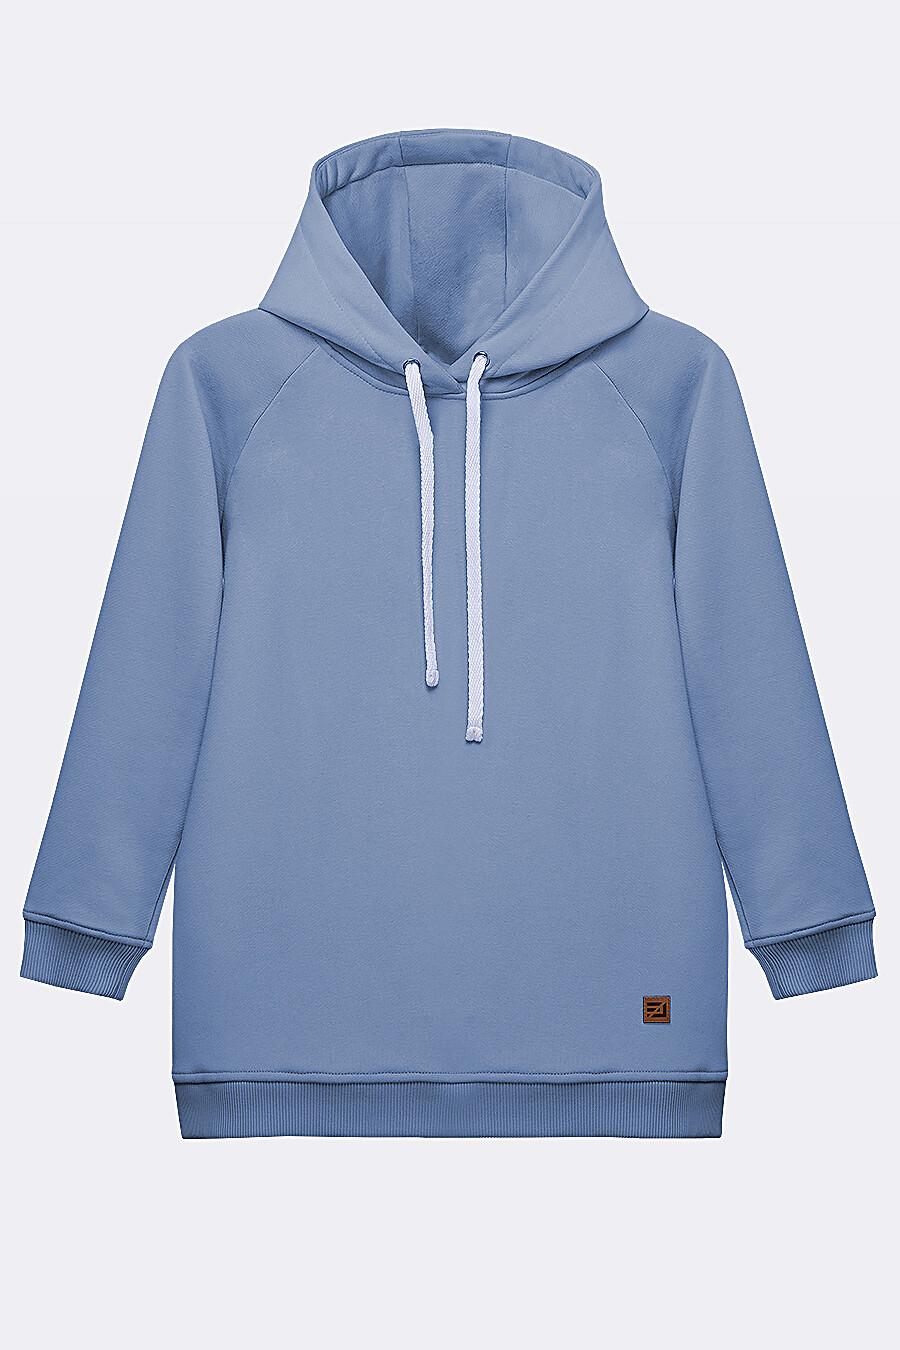 Худи для девочек EZANNA 682640 купить оптом от производителя. Совместная покупка детской одежды в OptMoyo